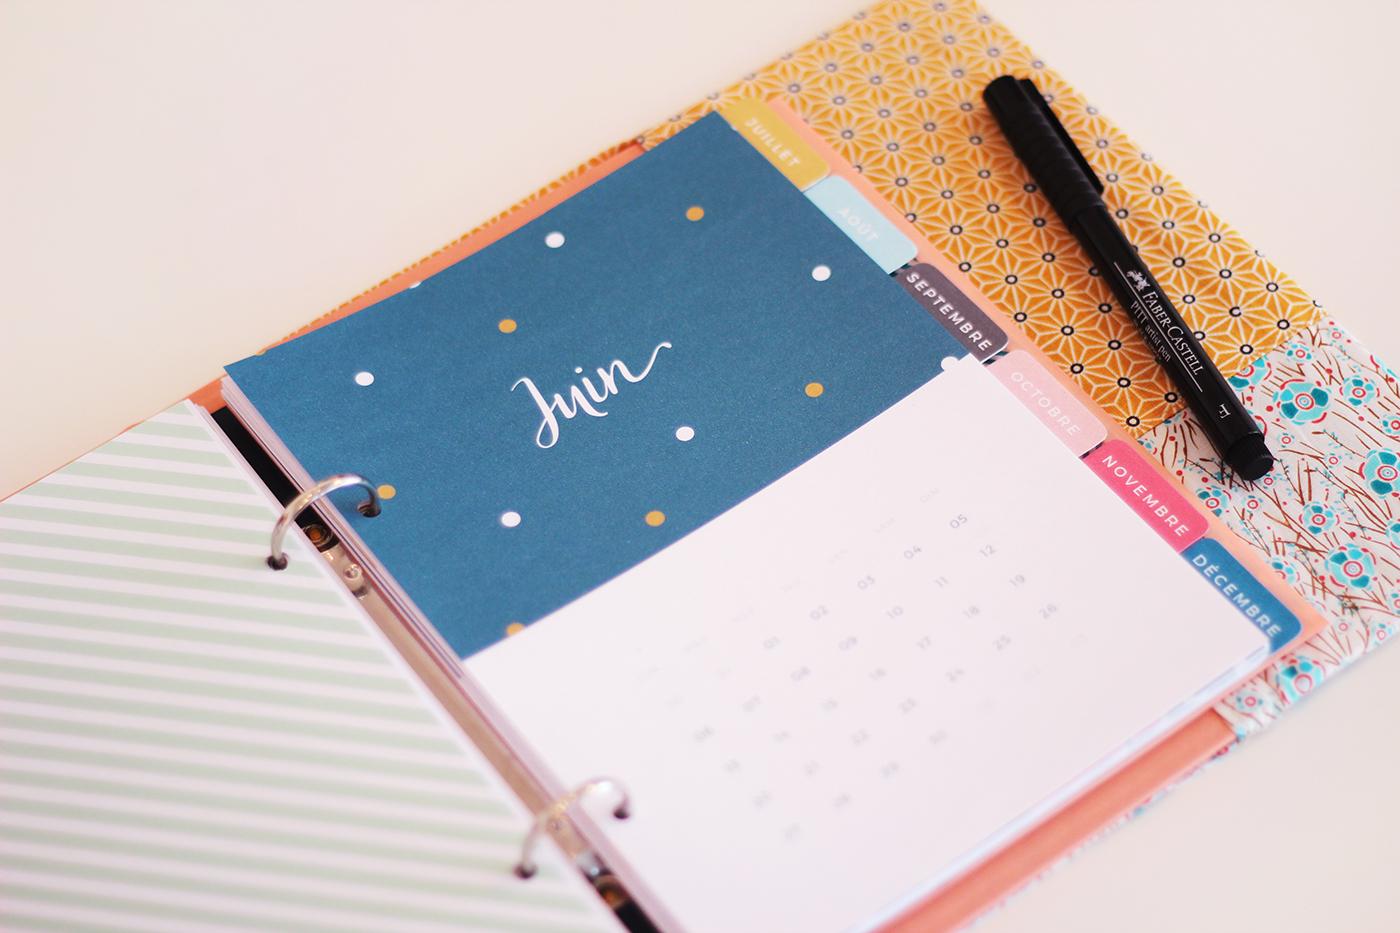 Planning mensuel à imprimer - Juliette blog féminin (2)